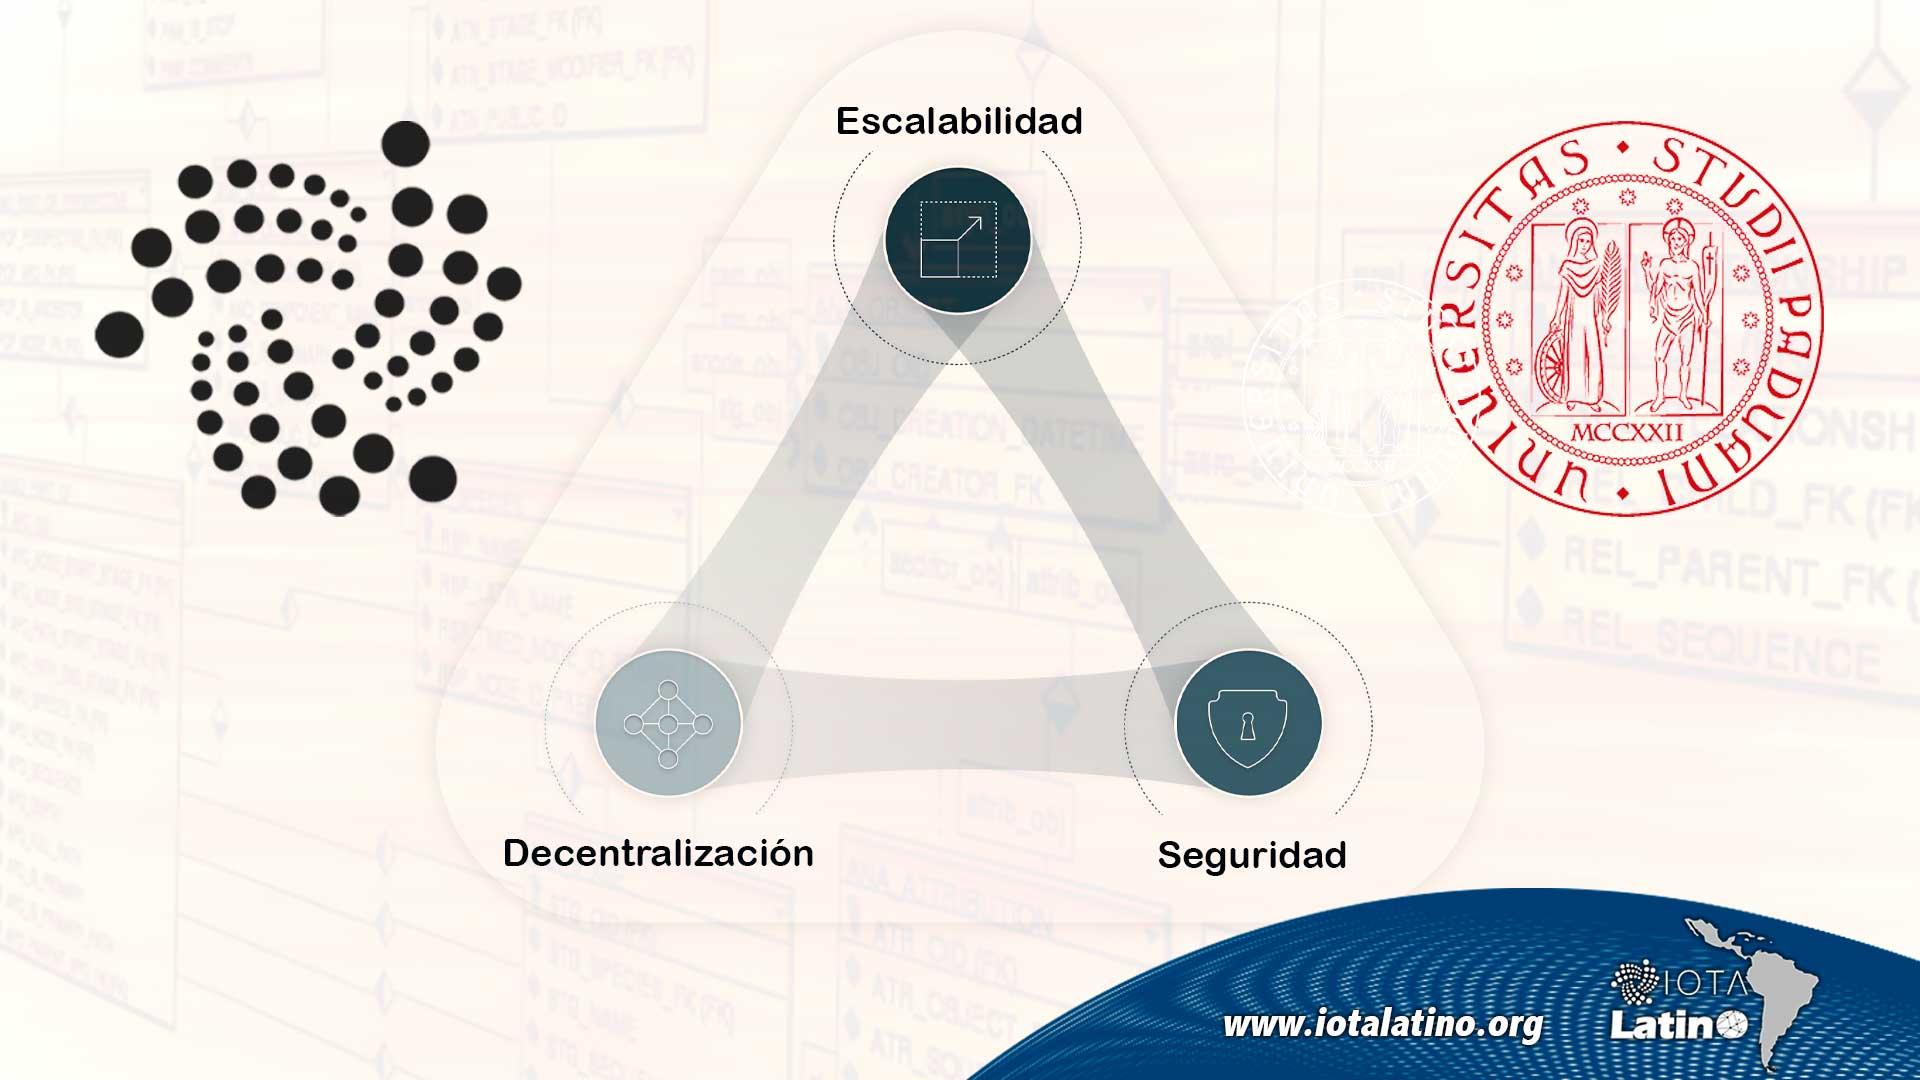 Solución de IOTA - IOTA Latino